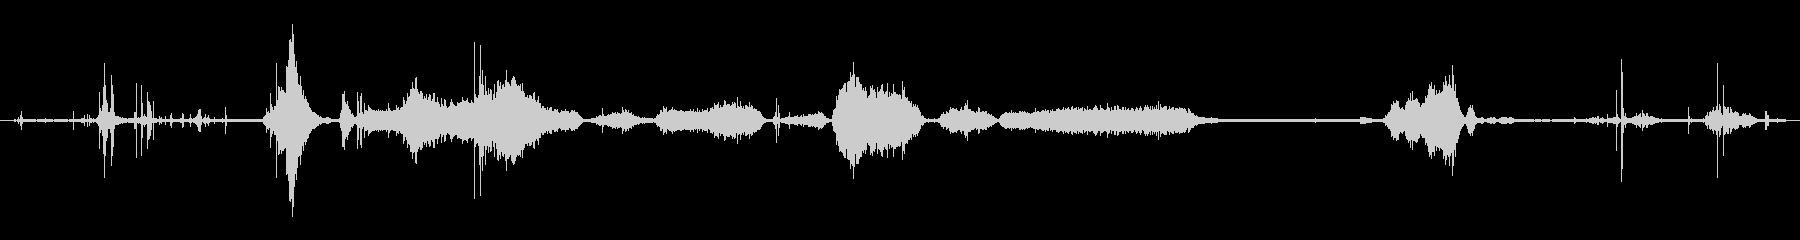 英語ブルドッグ:喘鳴の未再生の波形